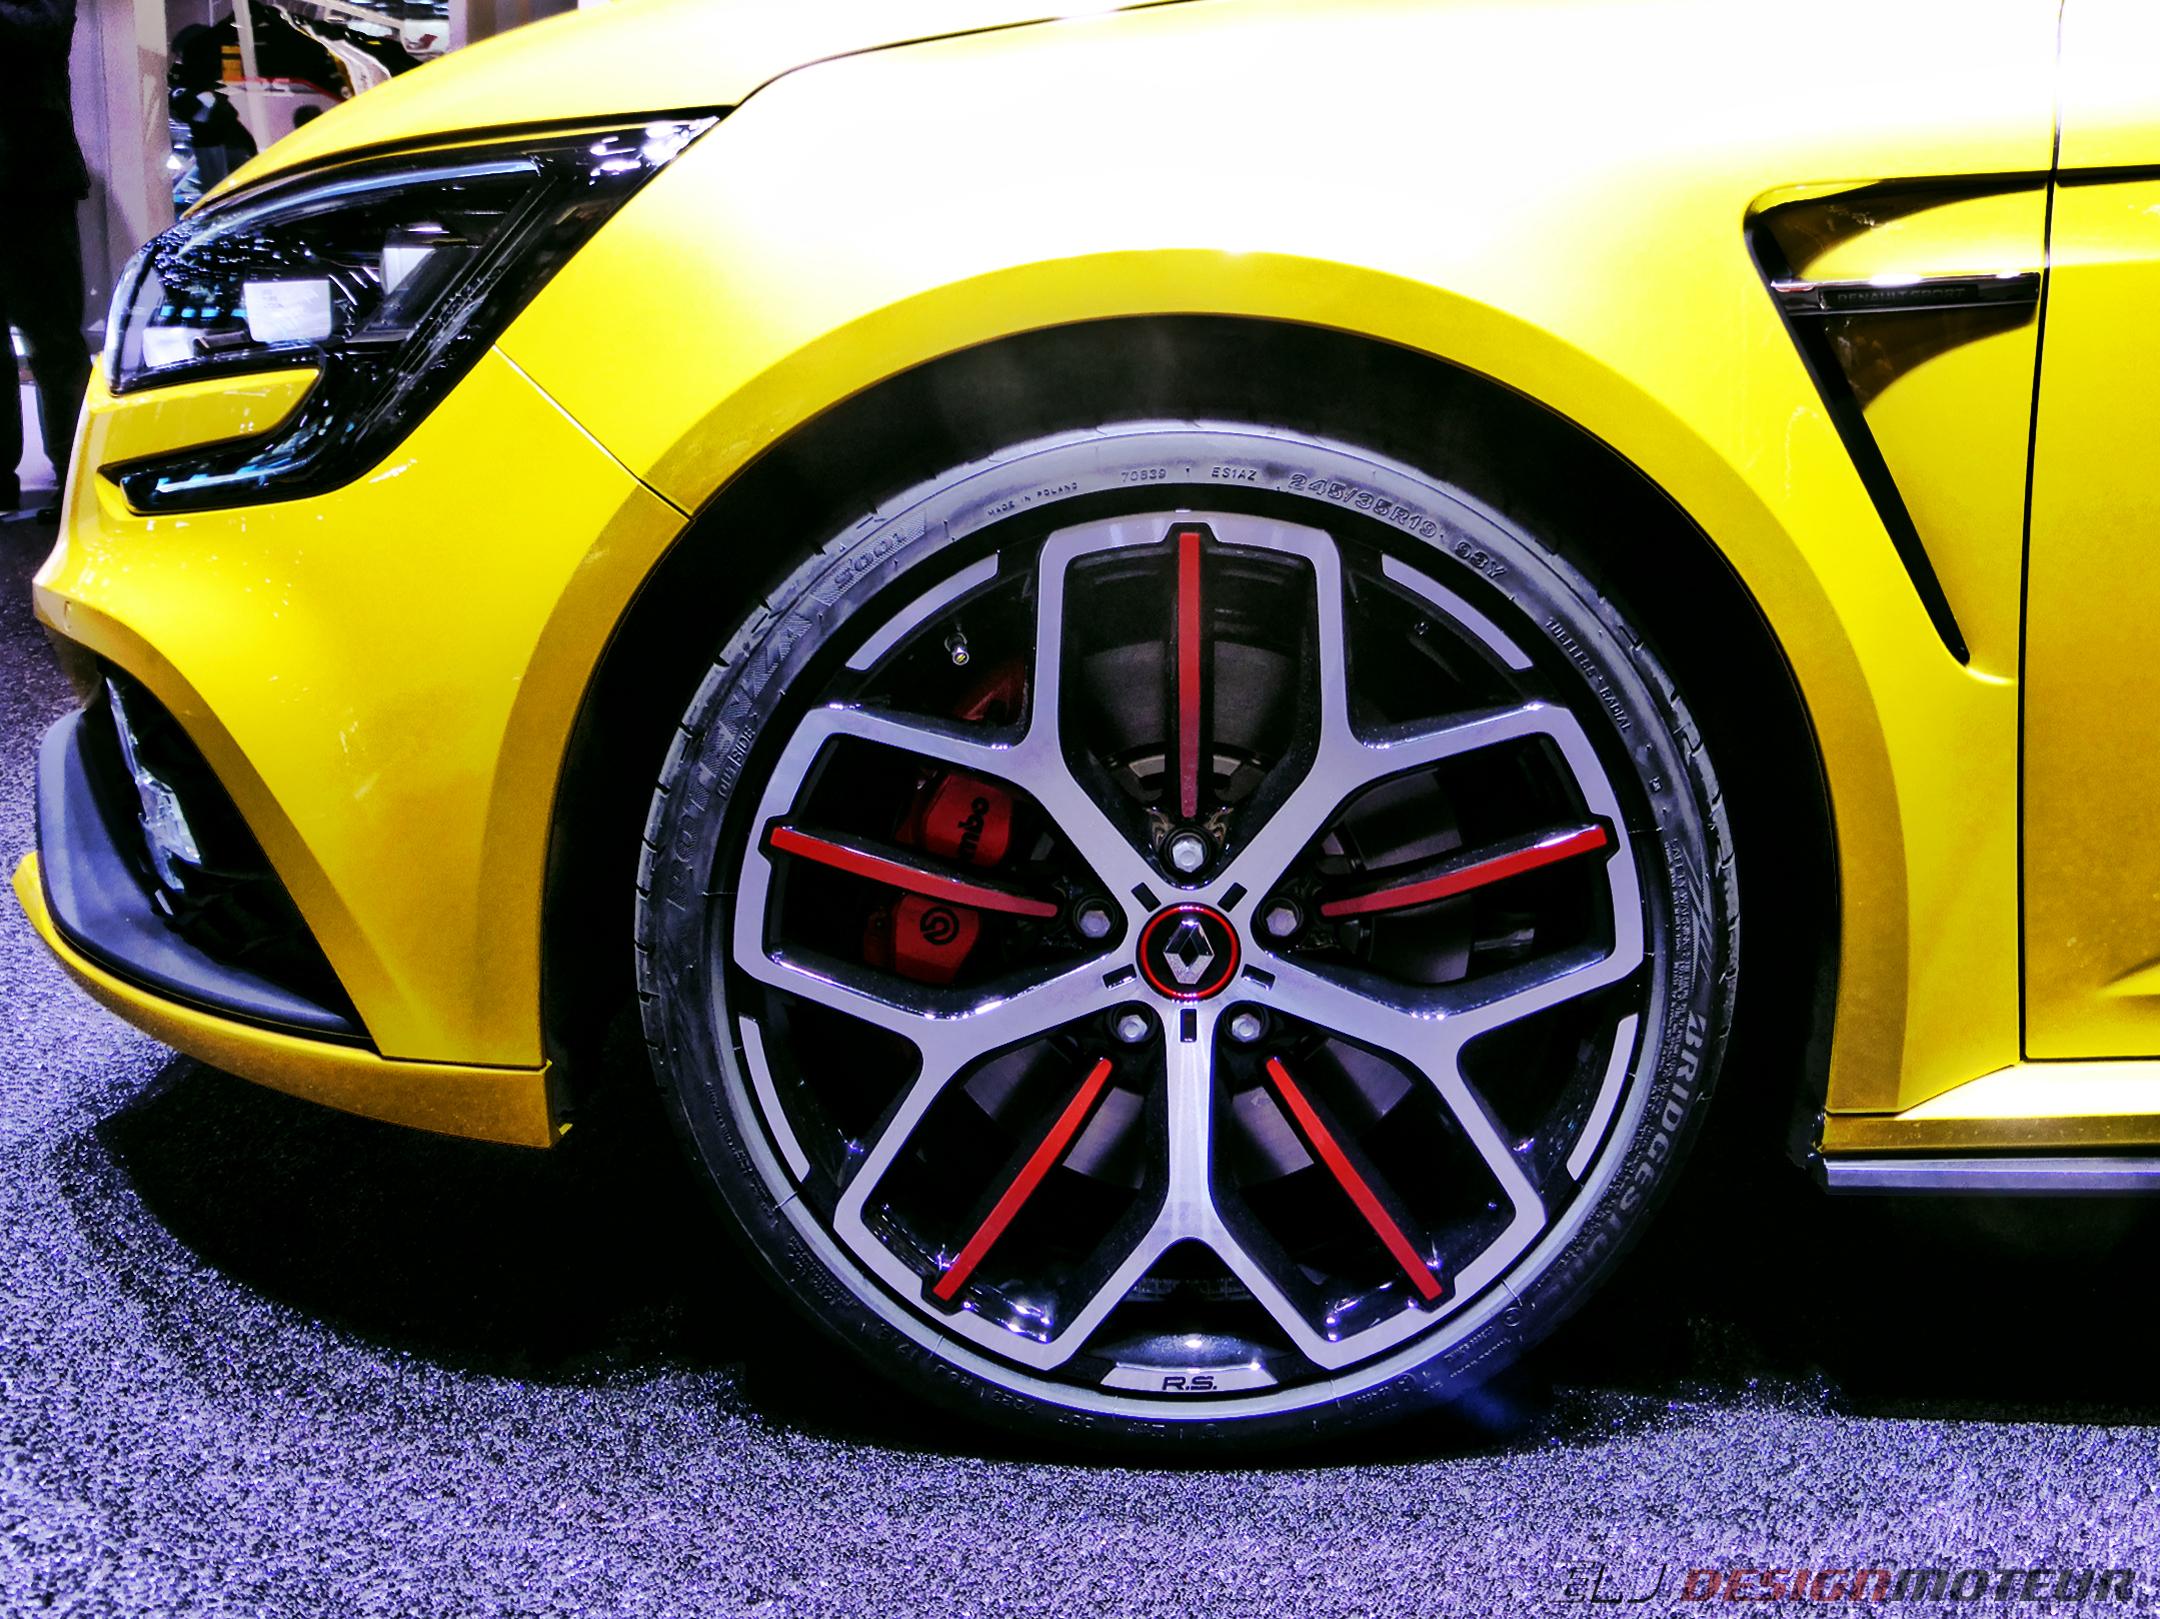 Renault Megane R.S. Trophy - front wheel - Paris Motor Show - 2018 - Mondial Auto - photo ELJ DESIGNMOTEUR